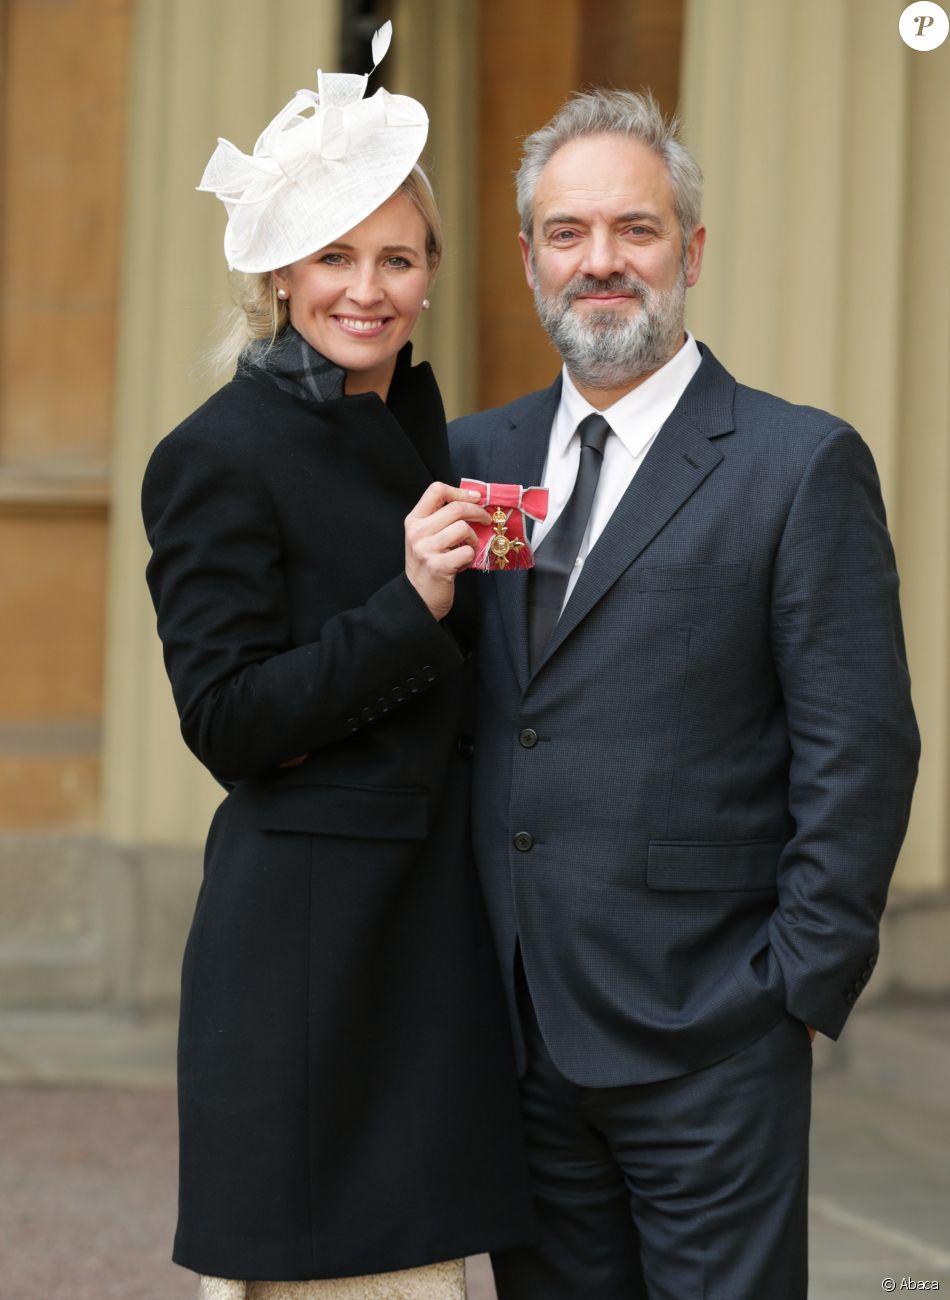 Alison Balsom, accompagnée de Sam Mendes, faite officier dans l'ordre de l'Empire britannique par le prince Charles au cours d'une cérémonie organisée à Buckingham Palace, Londres, le 18 novembre 2016.